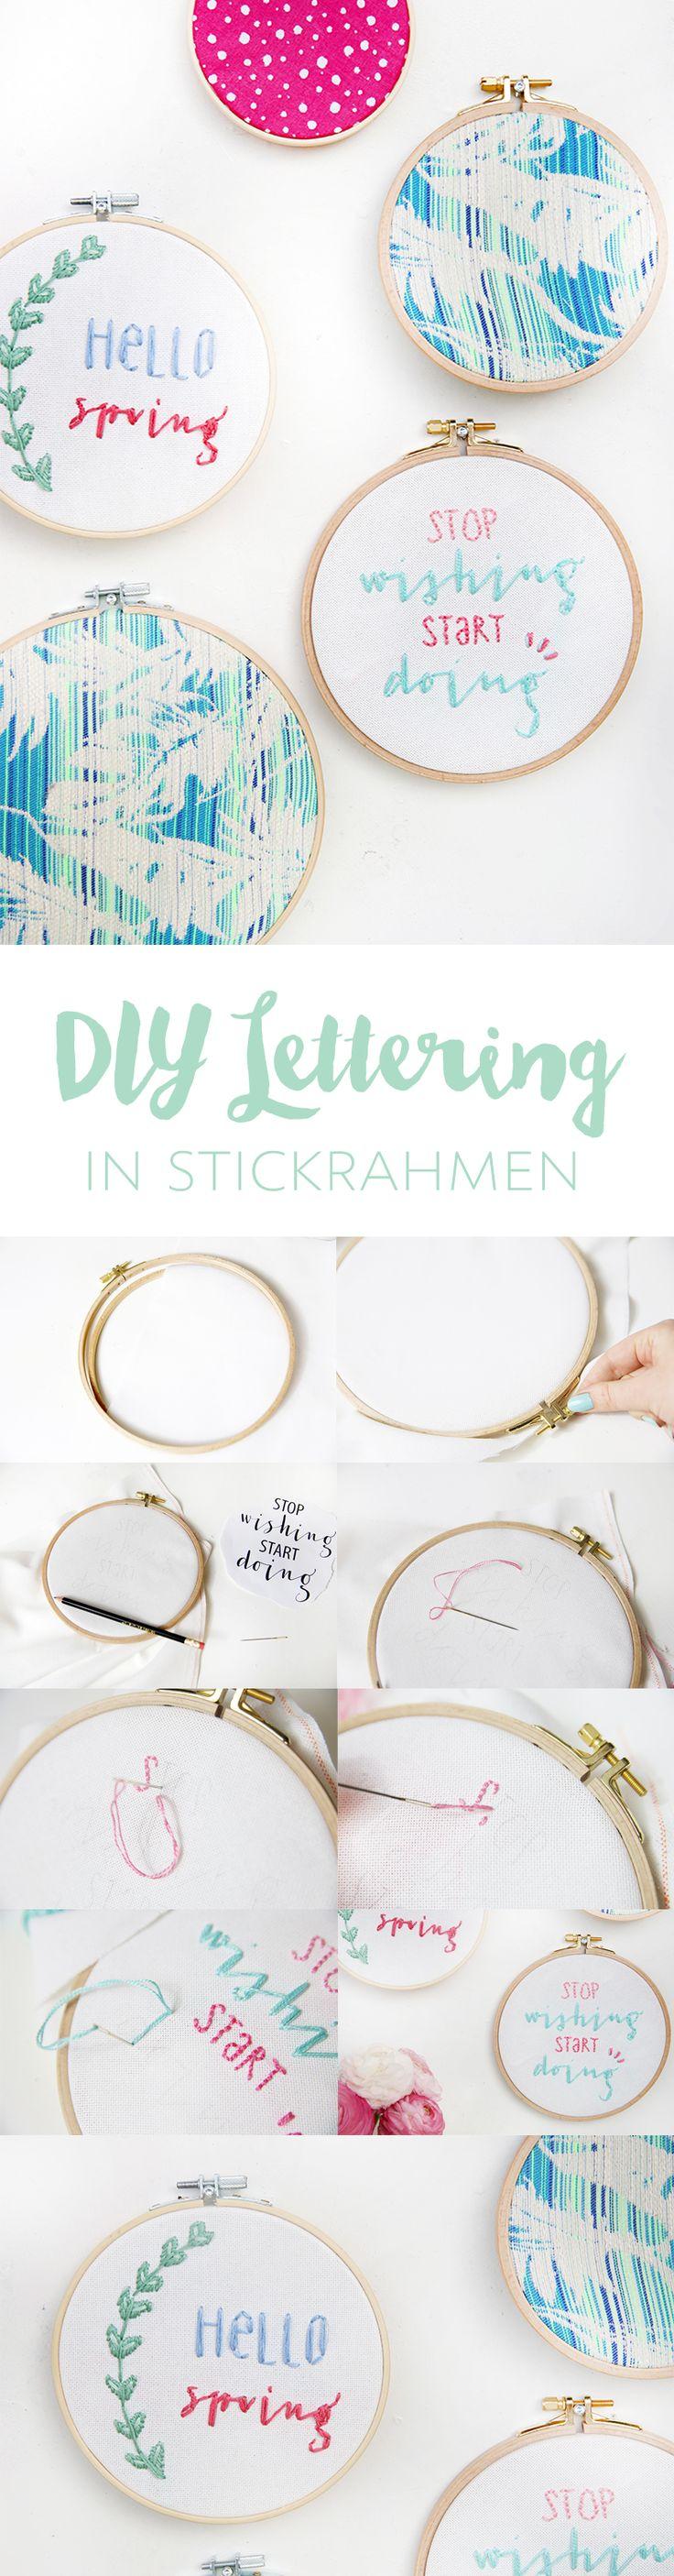 Kreative DIY-Idee zum Selbermachen: Stickrahmen besticken mit Lettering